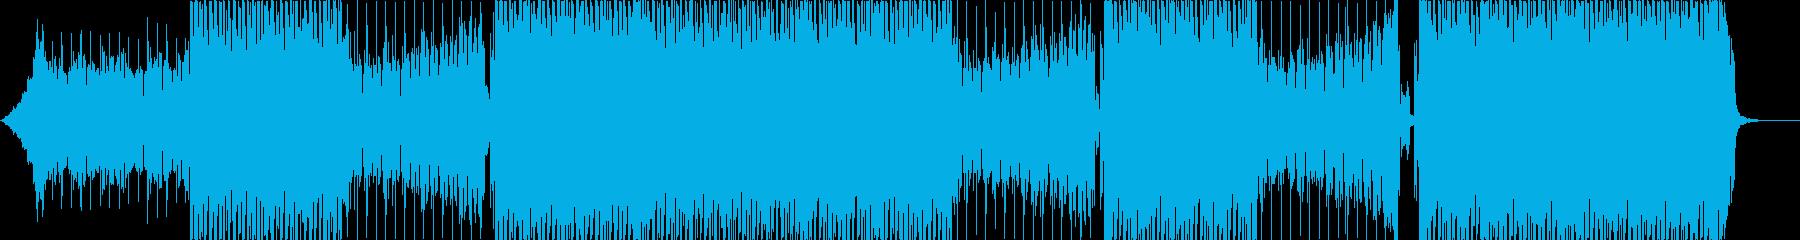 洋楽、パーティーEDM、K-POP♫の再生済みの波形